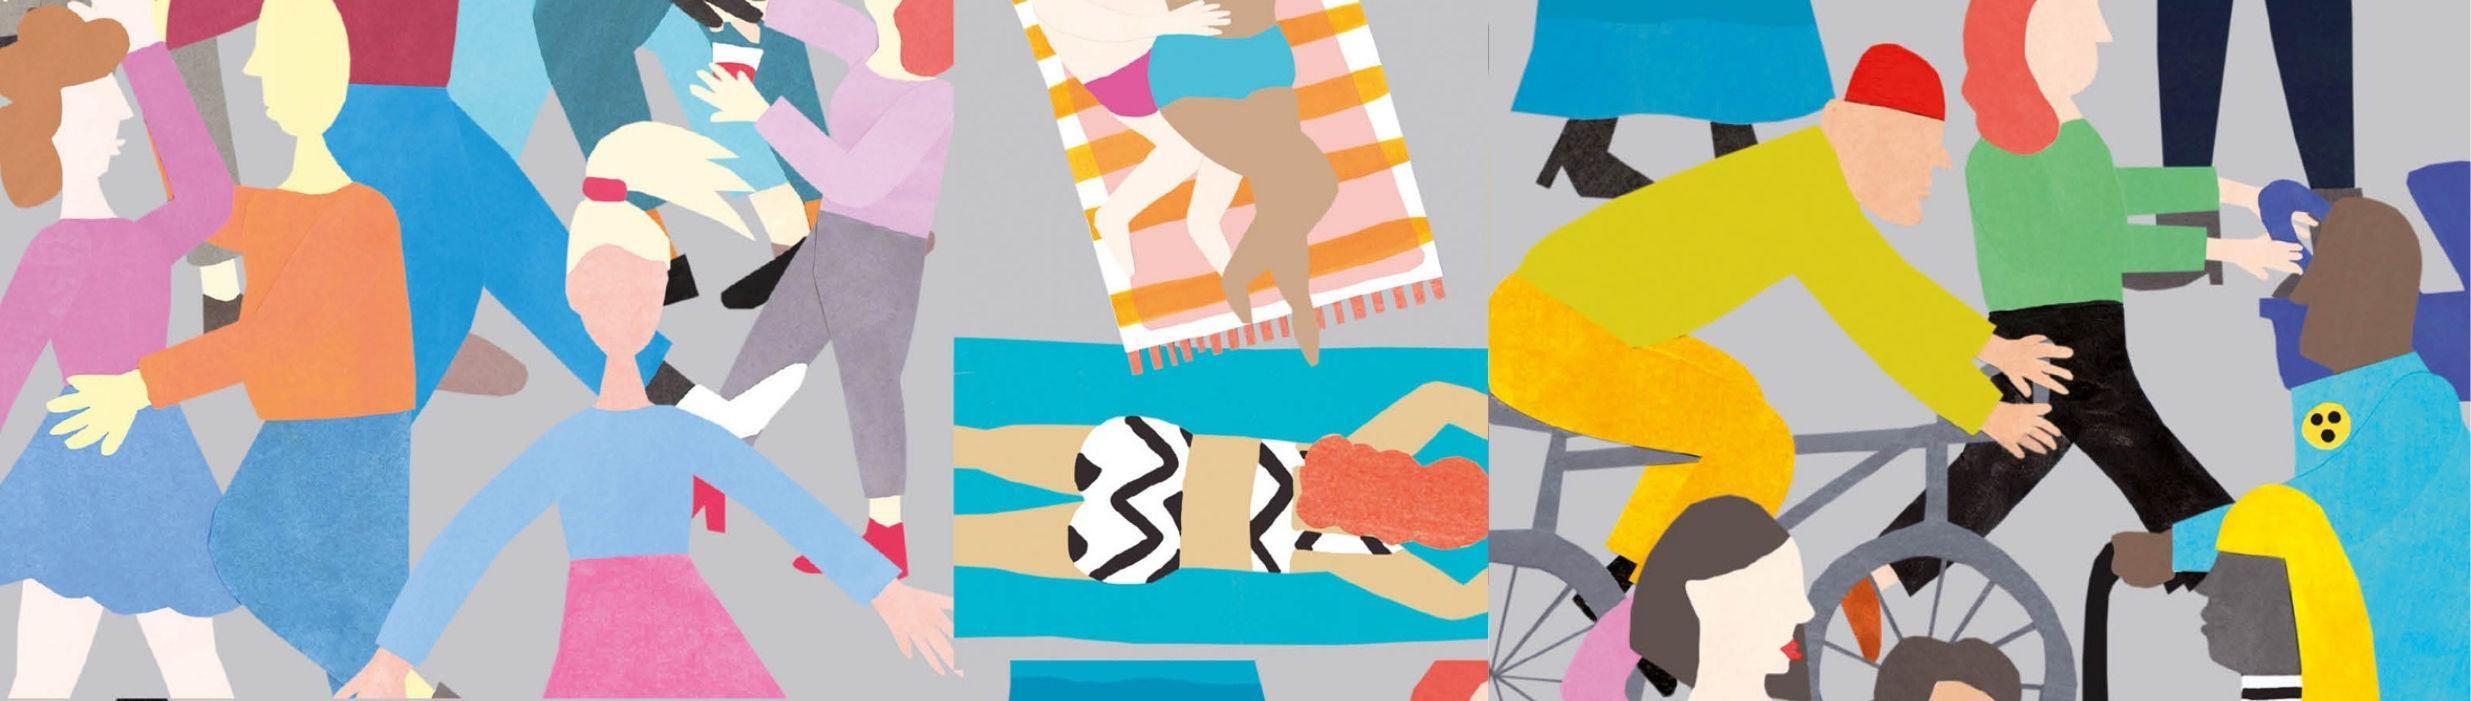 Banner aus bunte Illustrationen, wo verschiedene Menschen abgebildet sind.